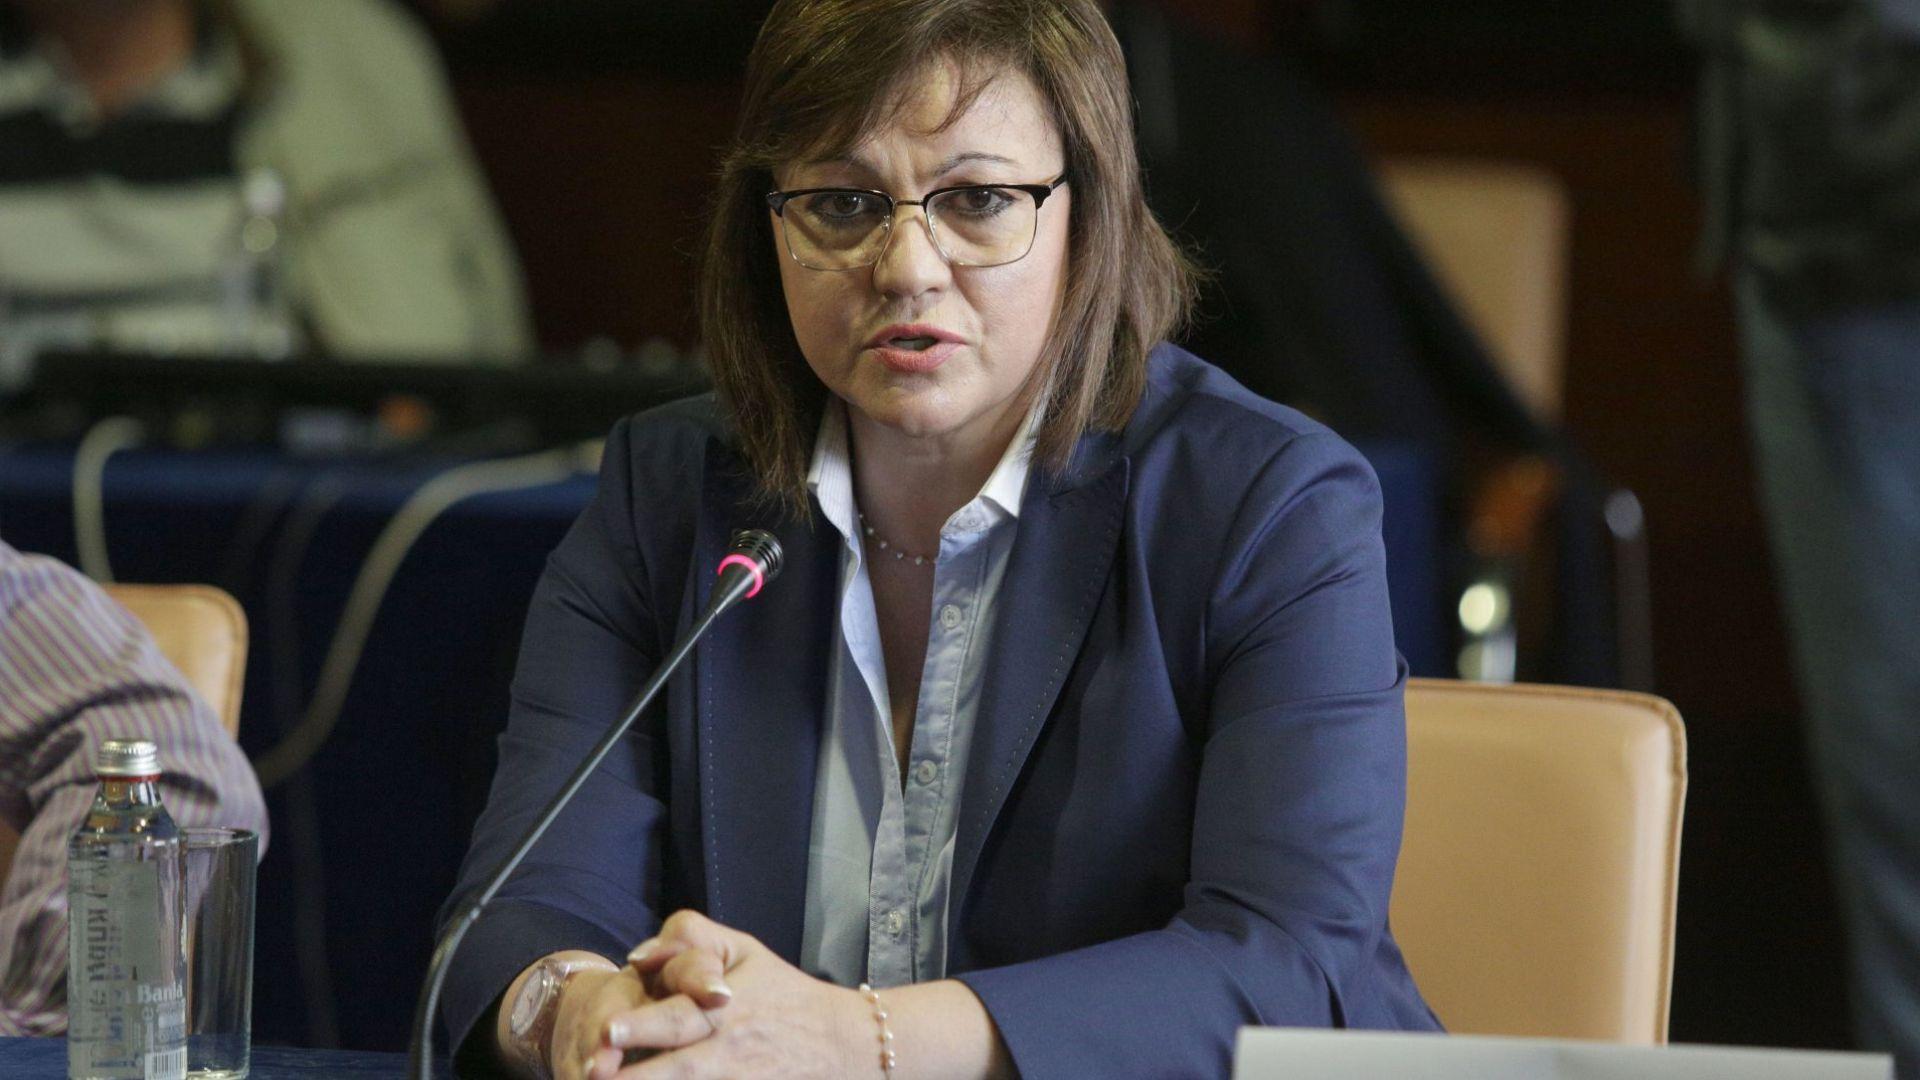 Корнелия Нинова: БСП трябва да влезе във властта през парадния вход